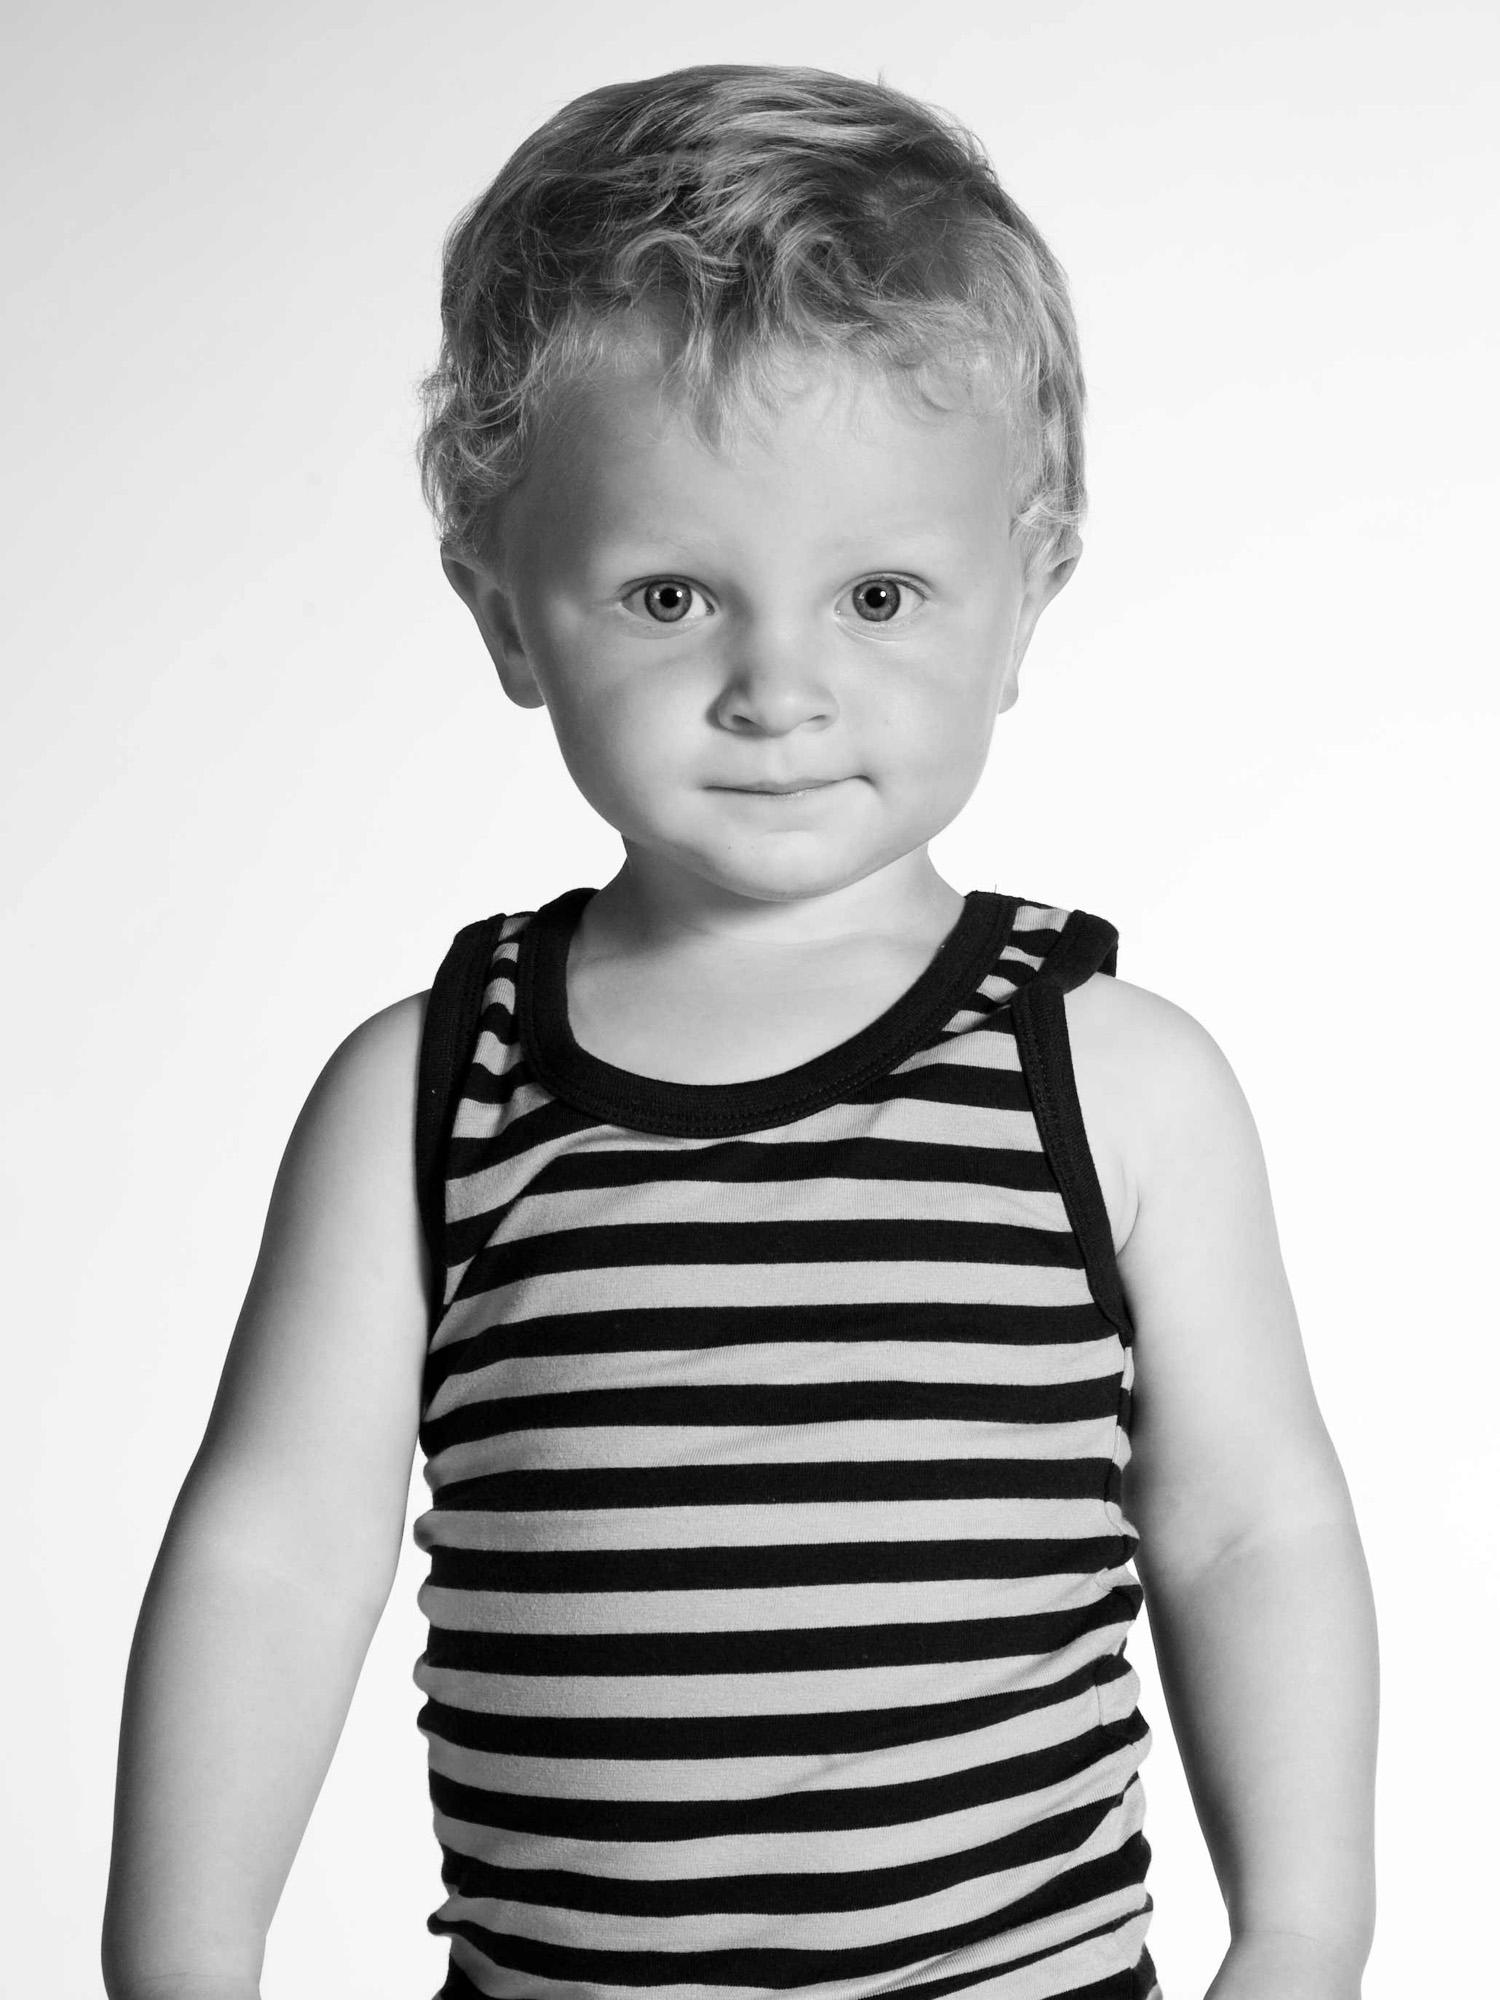 Børnefotografering i Aalborg